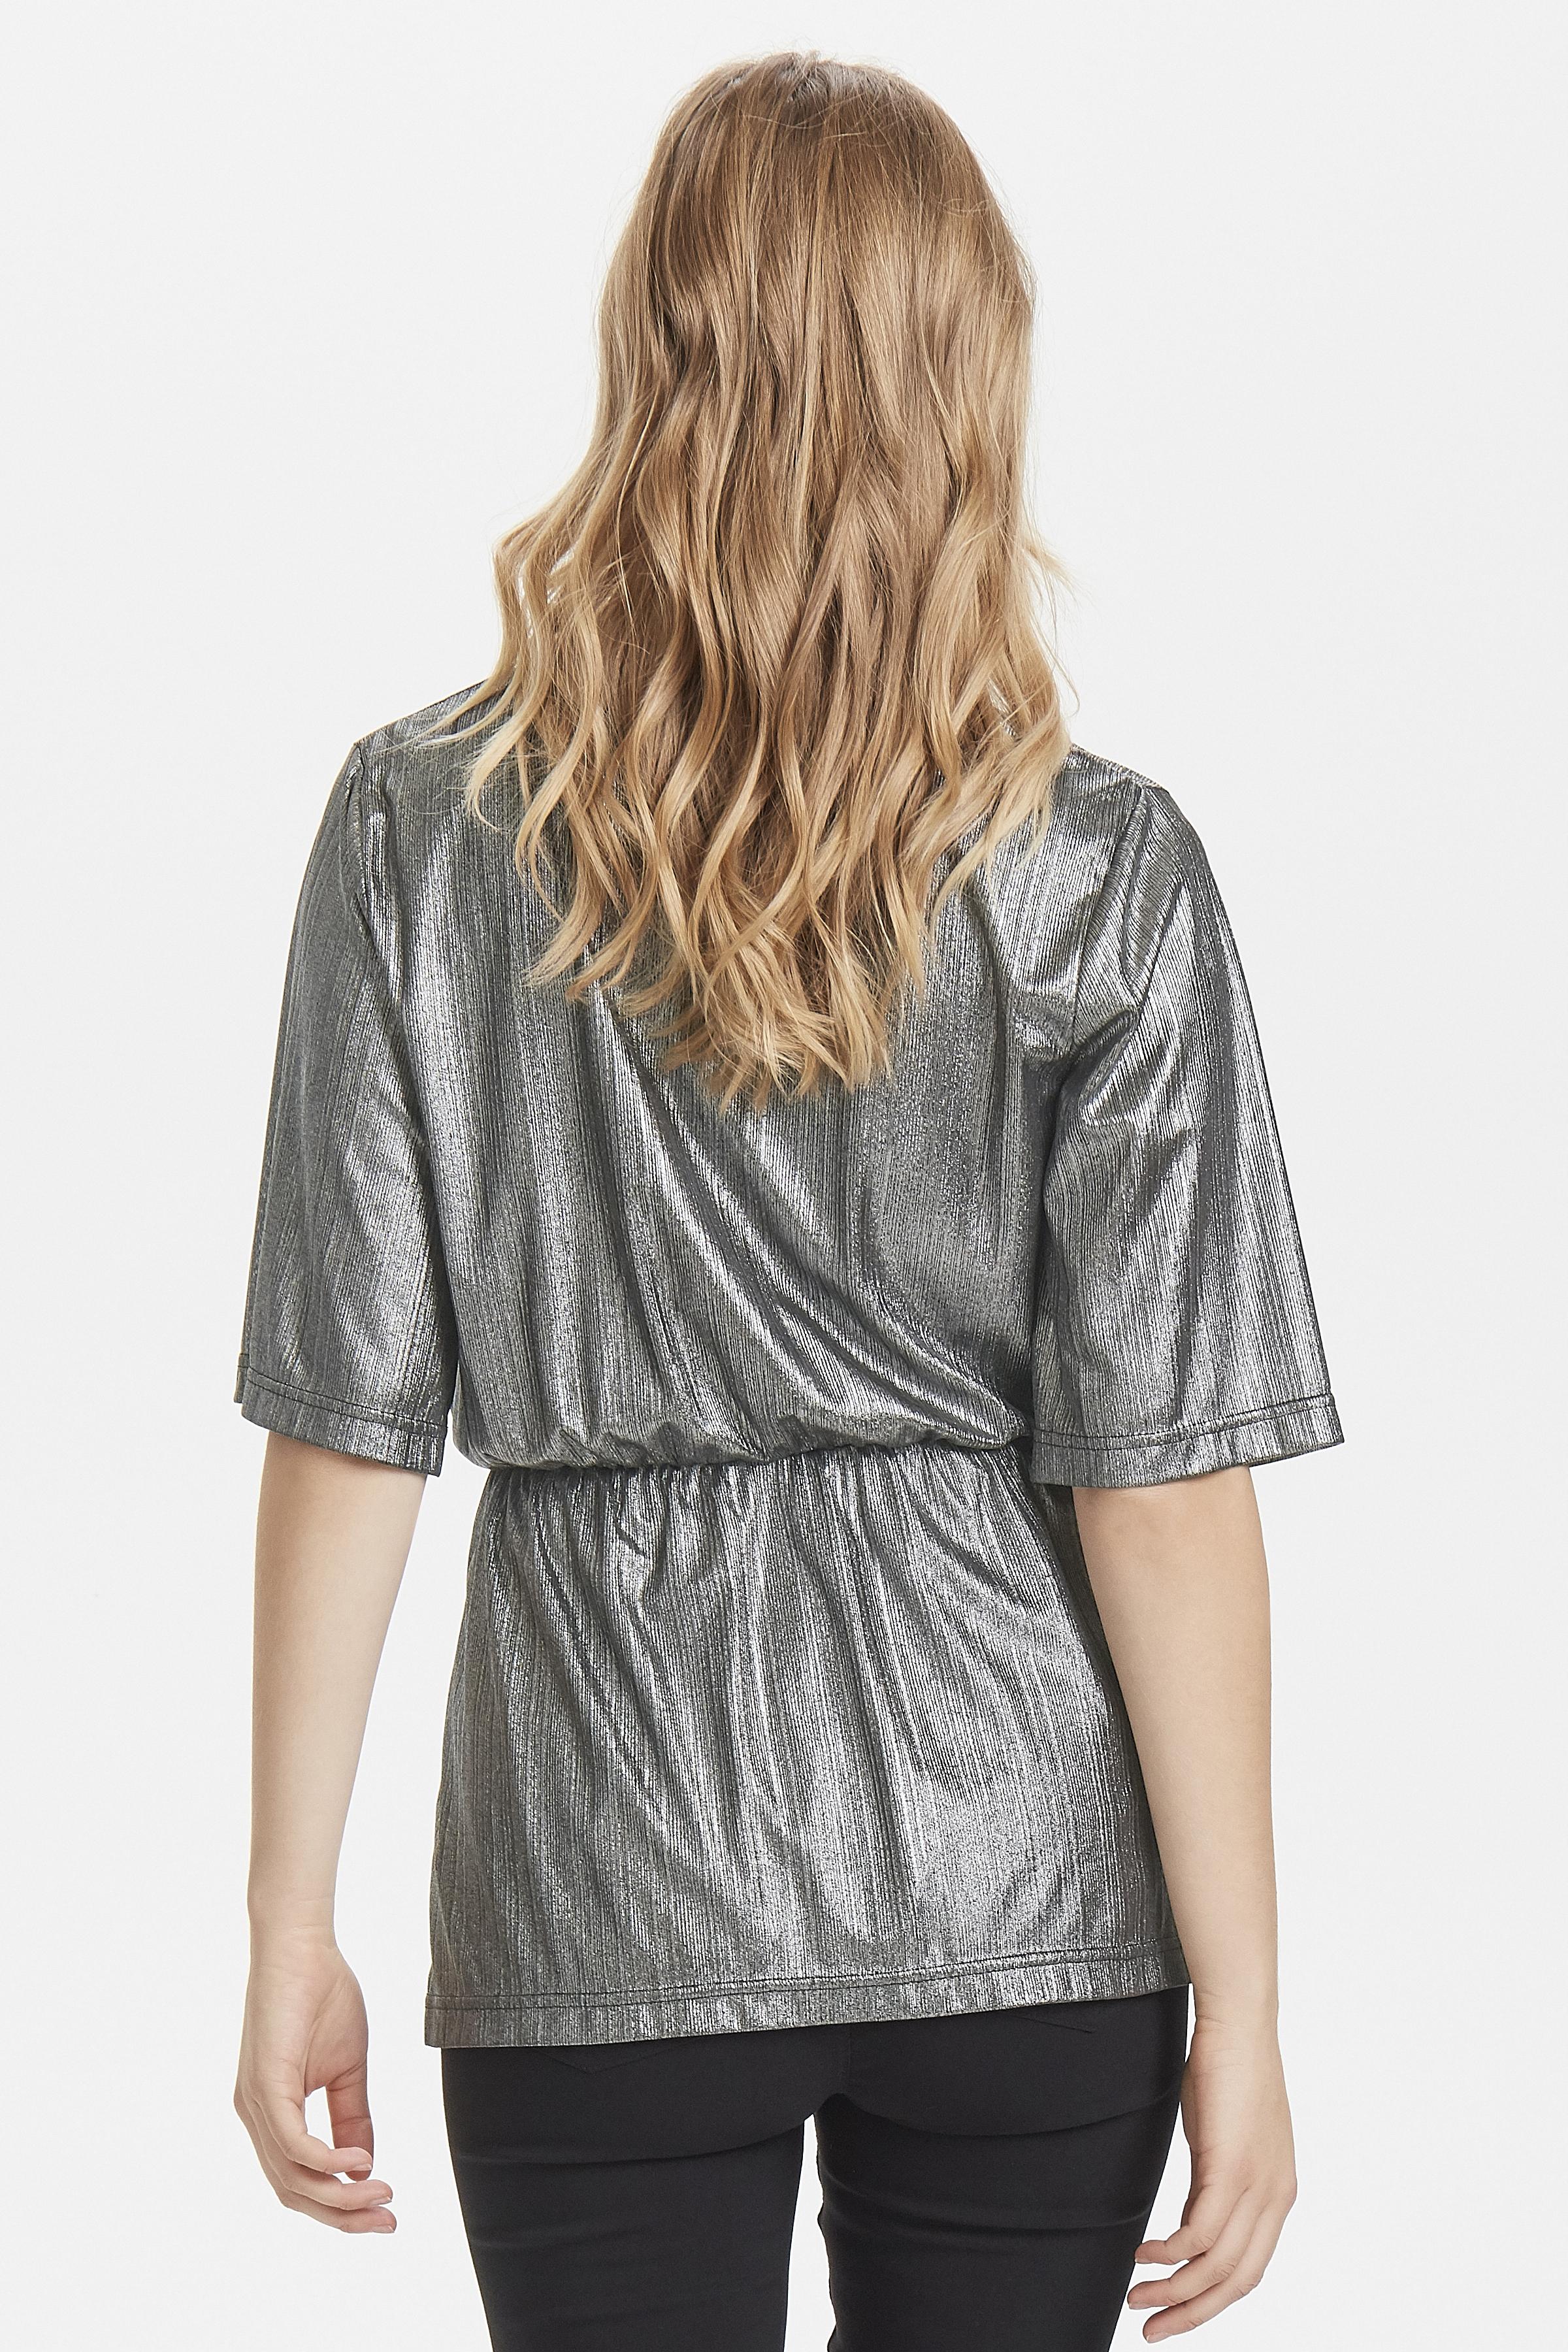 Dull Silver Langarm-Shirt von b.young – Kaufen Sie Dull Silver Langarm-Shirt aus Größe XS-XL hier